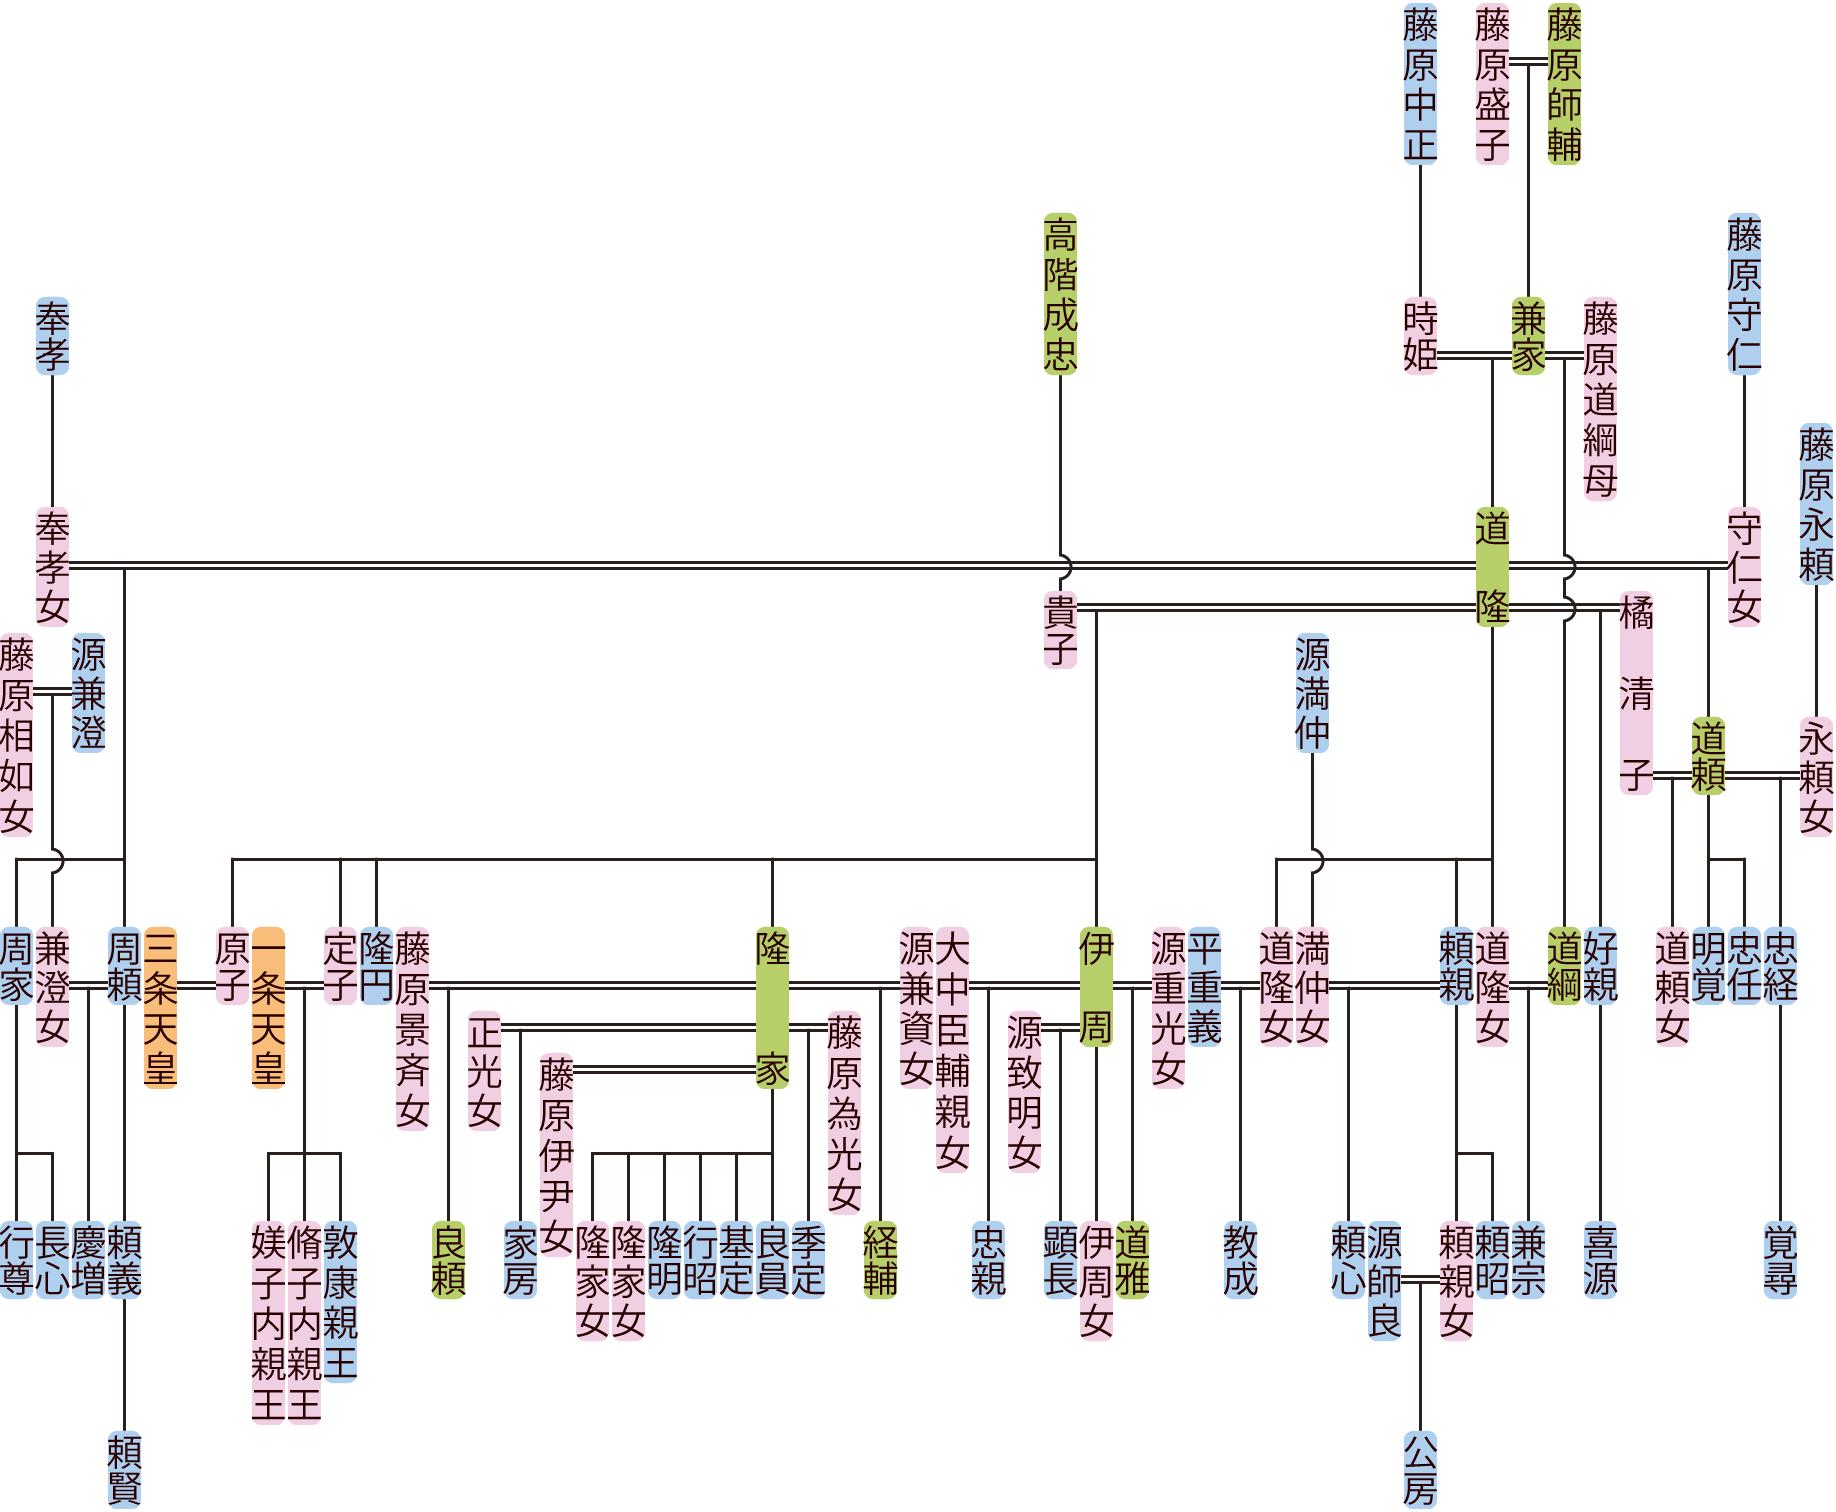 藤原道隆の系図